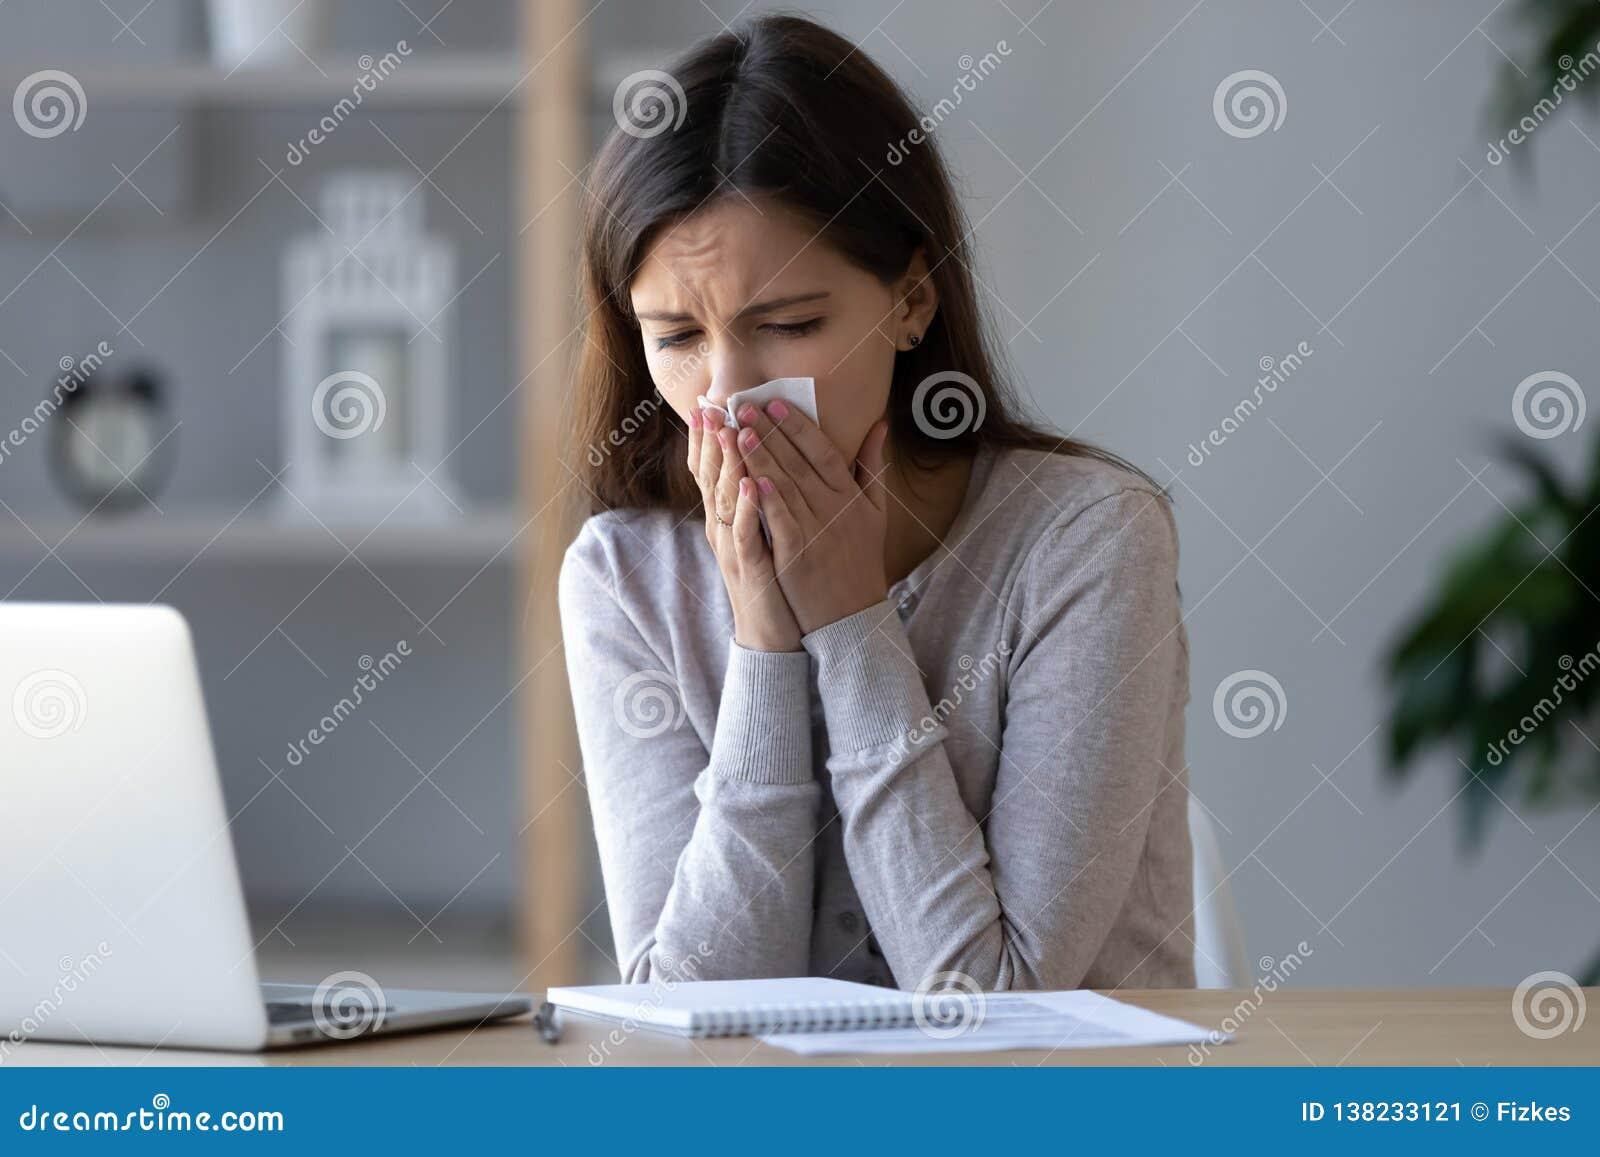 Nariz que sopla del trabajador enfermo alérgico que estornuda en tejido en el lugar de trabajo